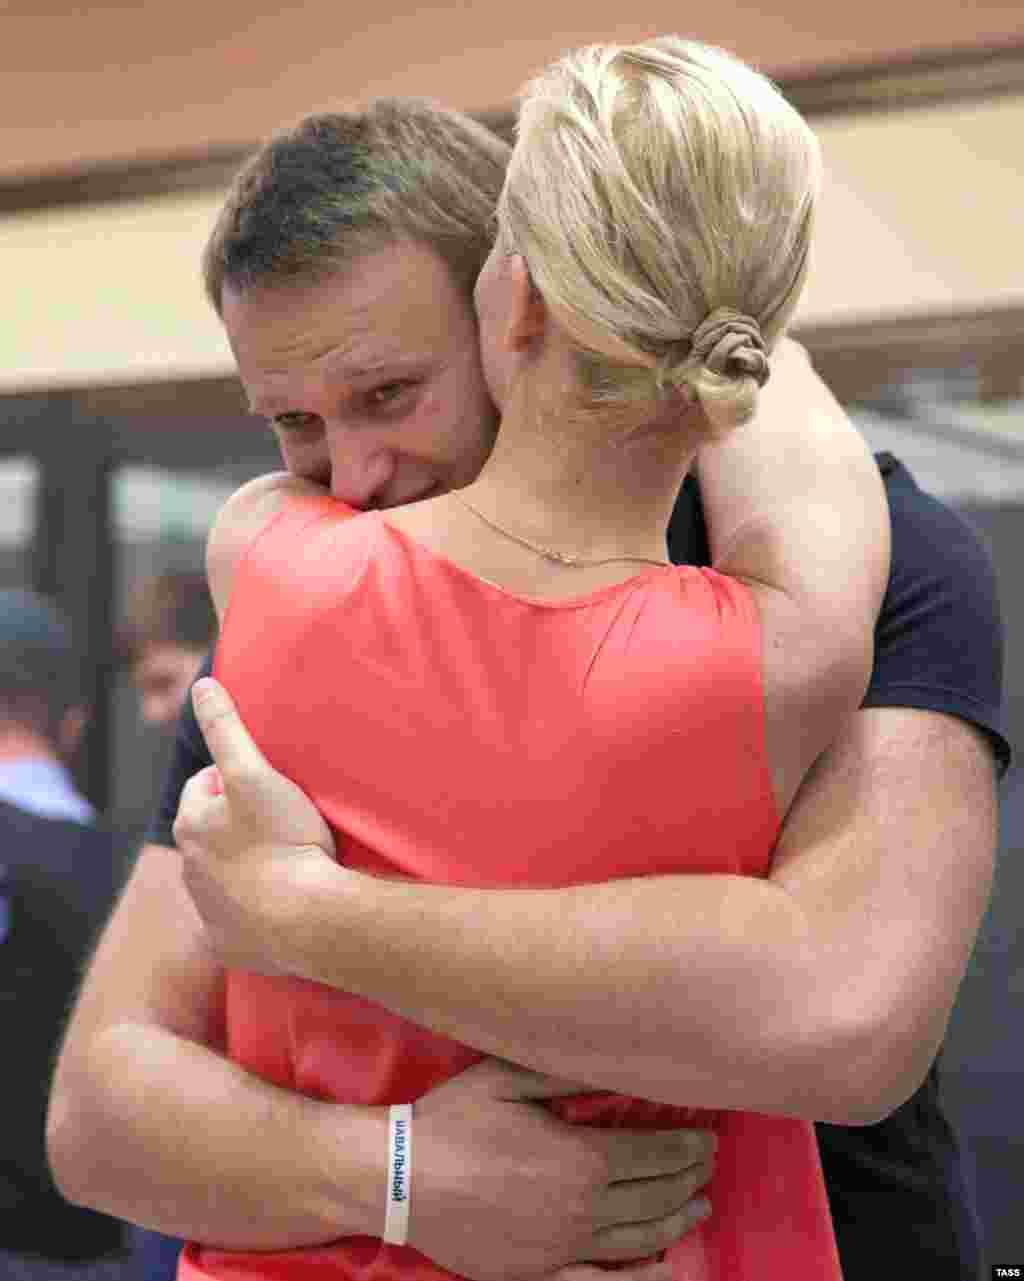 Şərti azadlığa çıxan bloqqer Alexei Navalny həyat yoldaşı Yulia ilə görüşərkən. Kirov məhkəməsi